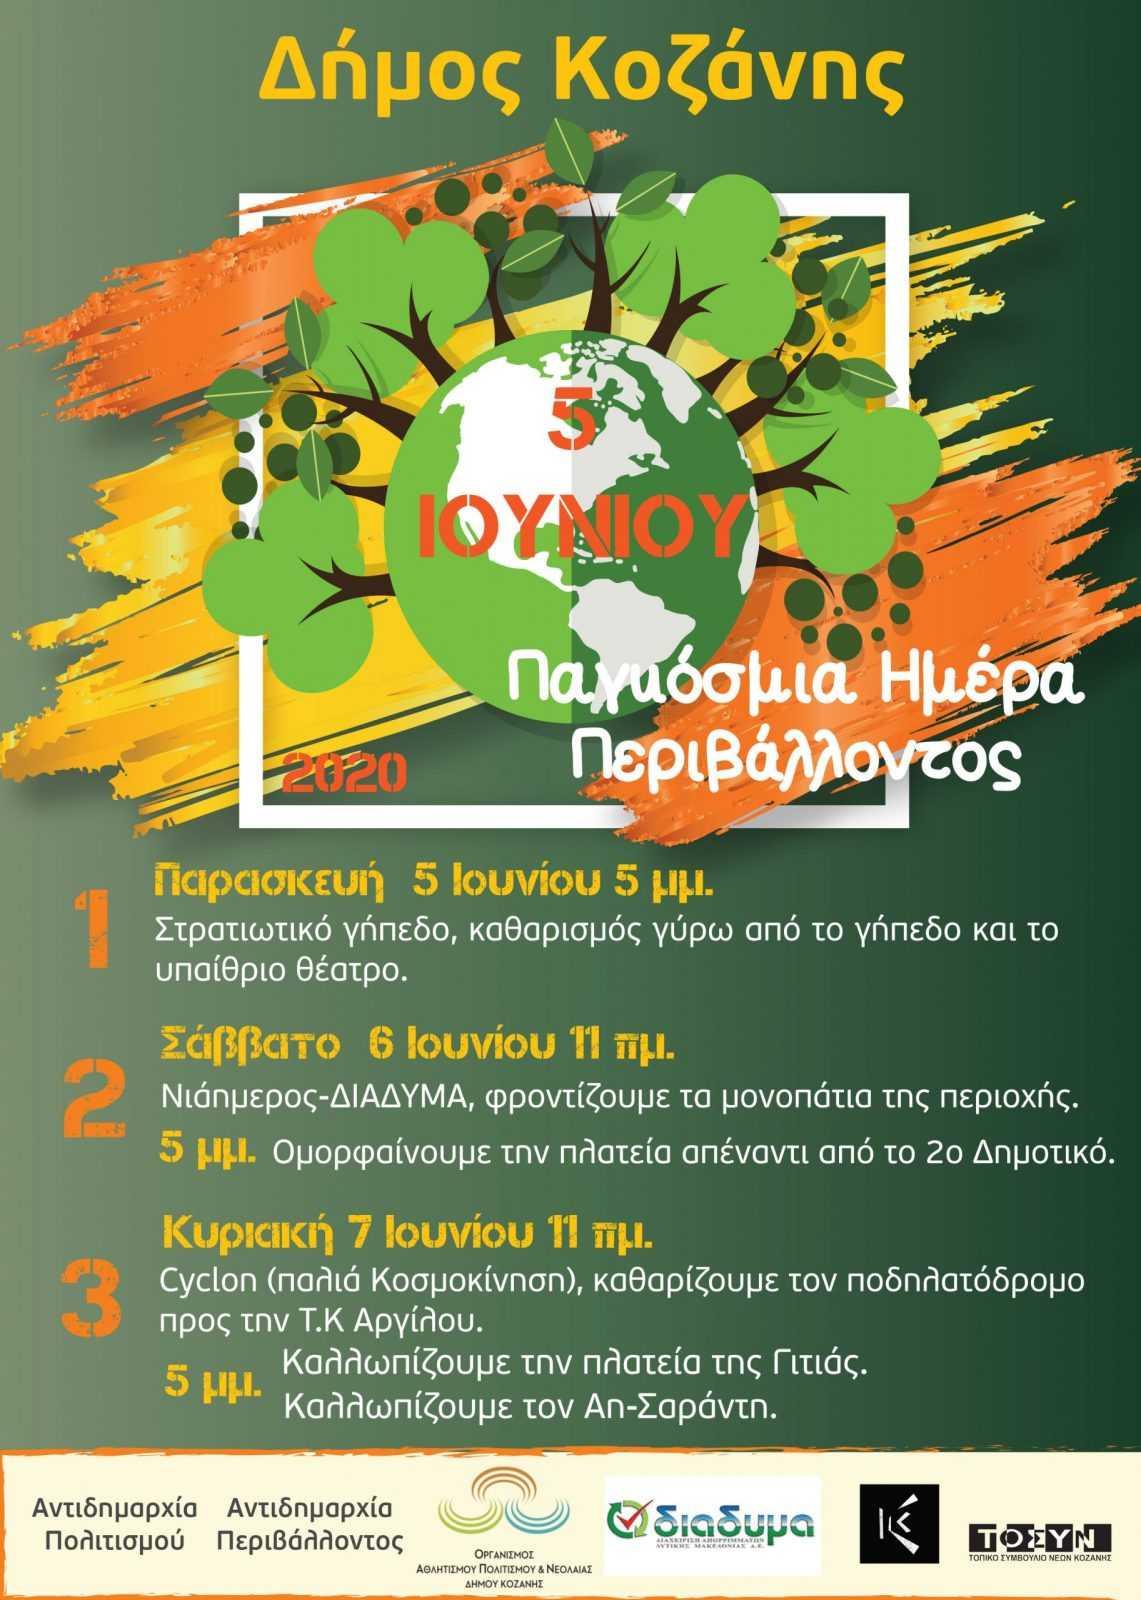 Παγκόσμια ημέρα Περιβάλλοντος. 3ήμερες δράσεις «Καθαρίζω και ομορφαίνω την πόλη μου».